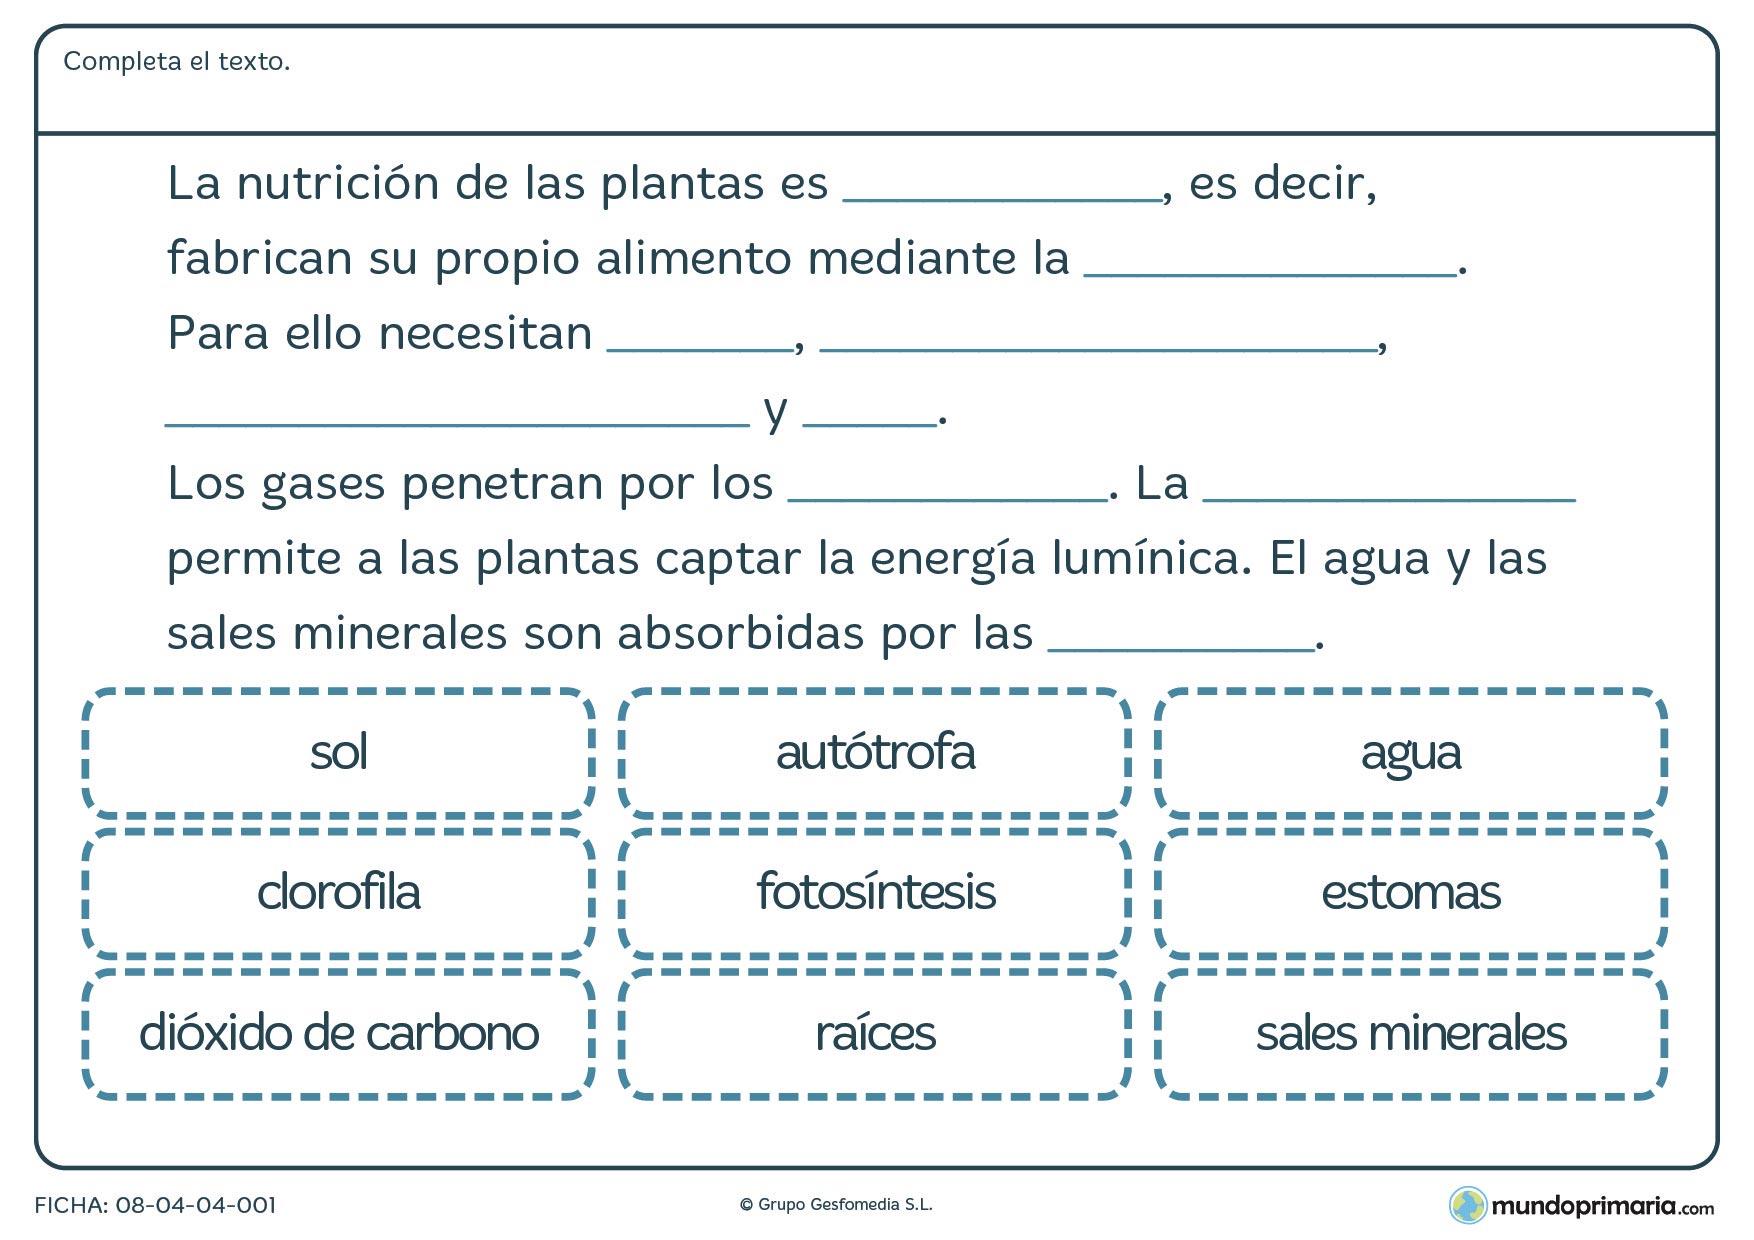 Ficha de nutrici n de las plantas para primaria - Fichas de plantas para ninos ...